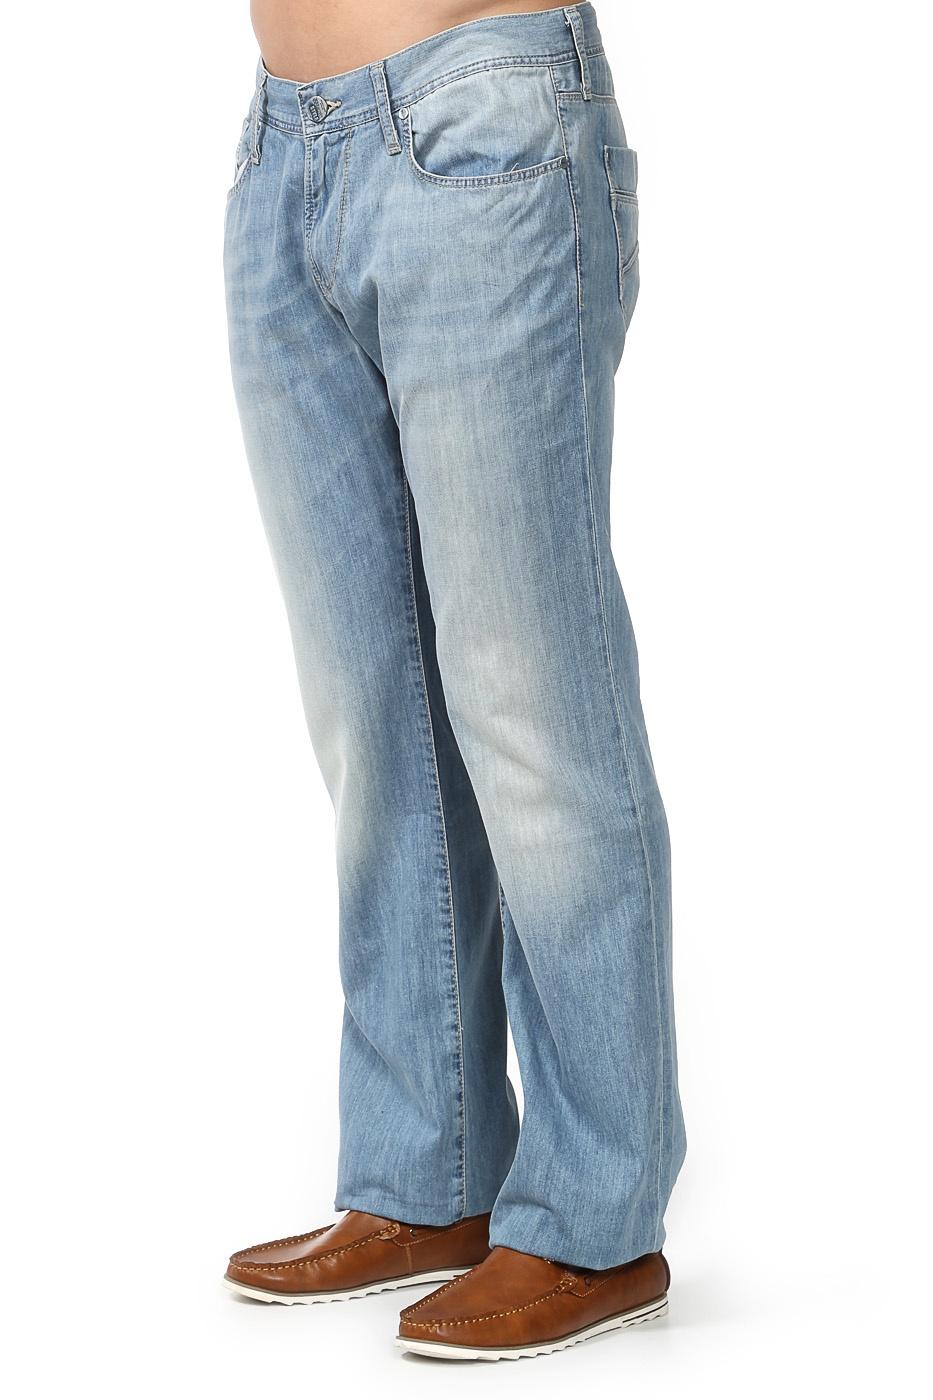 Джинсы WHITNEY джинсы мужские mark fairwhale 097 1